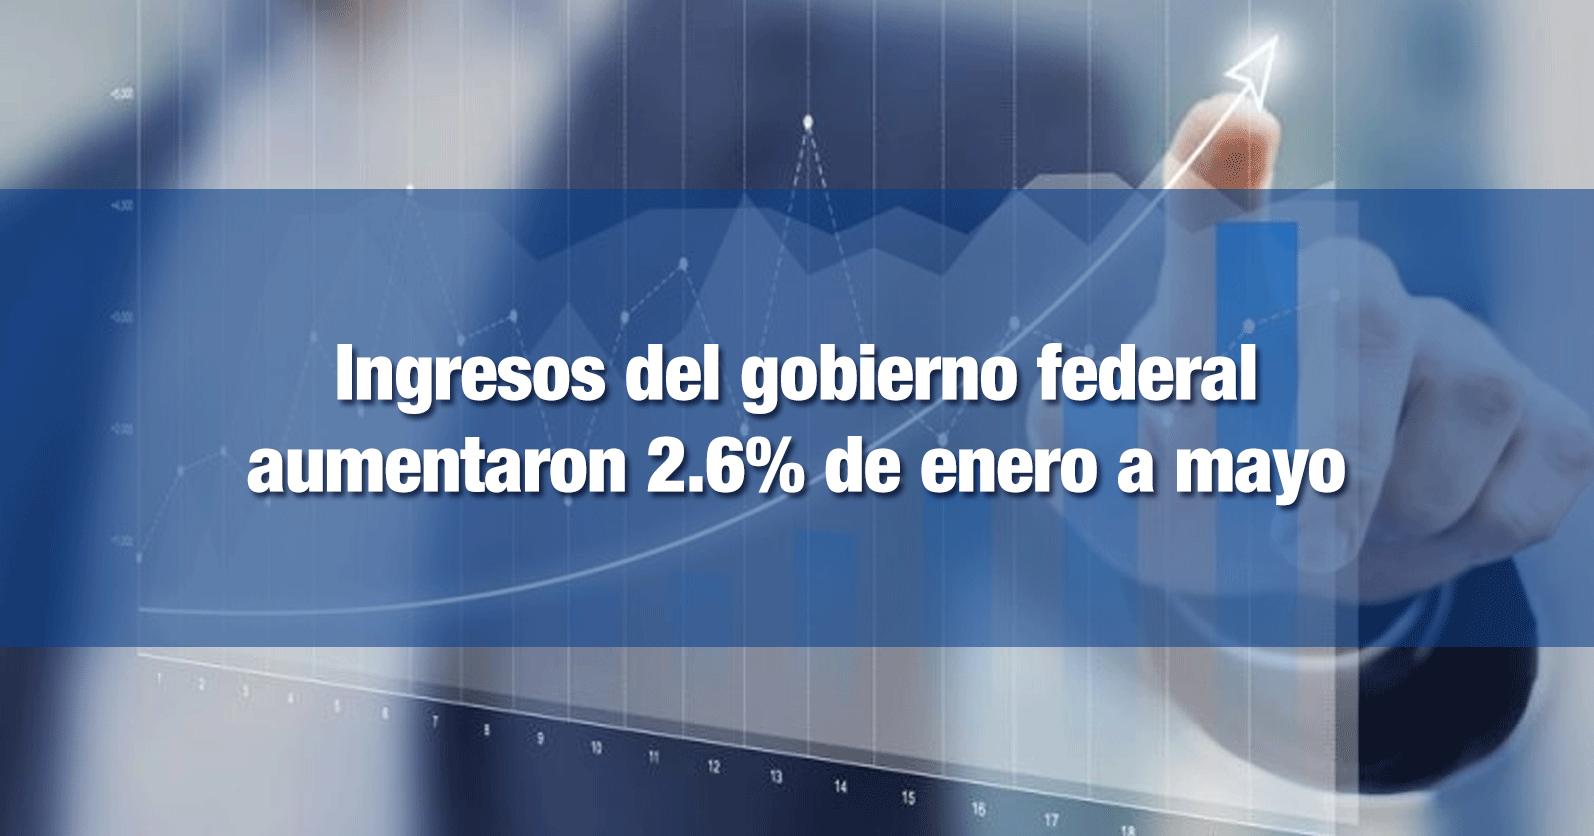 Ingresos del gobierno federal aumentaron 2.6% de enero a mayo